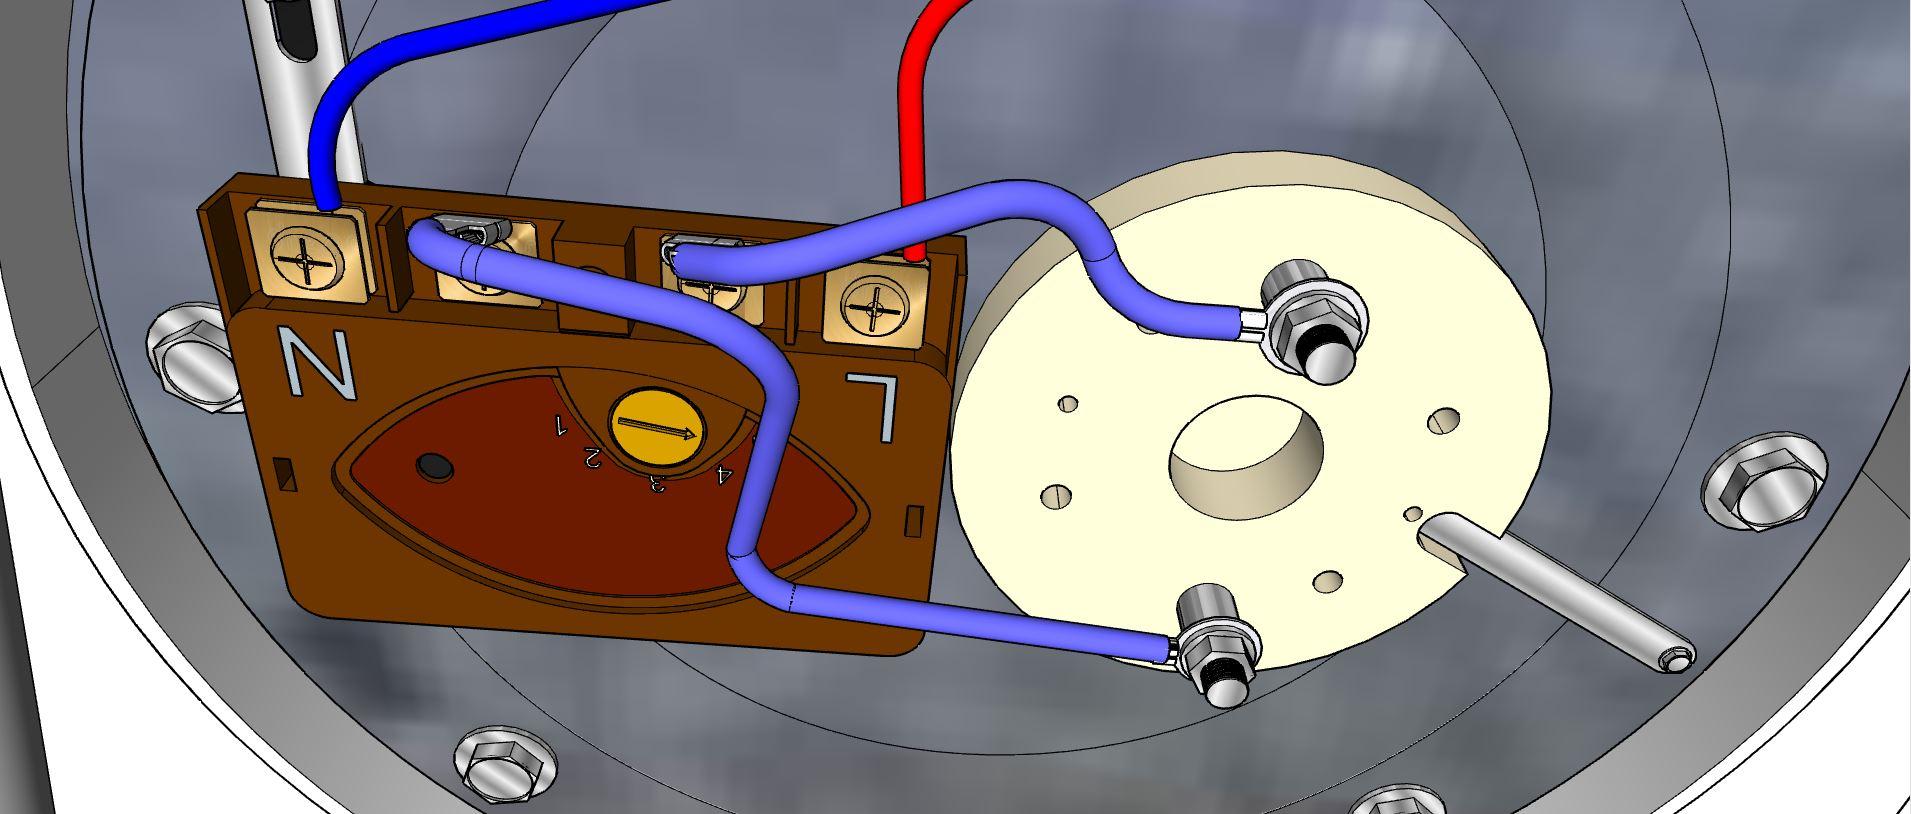 Réarmer la sécurité du thermostat